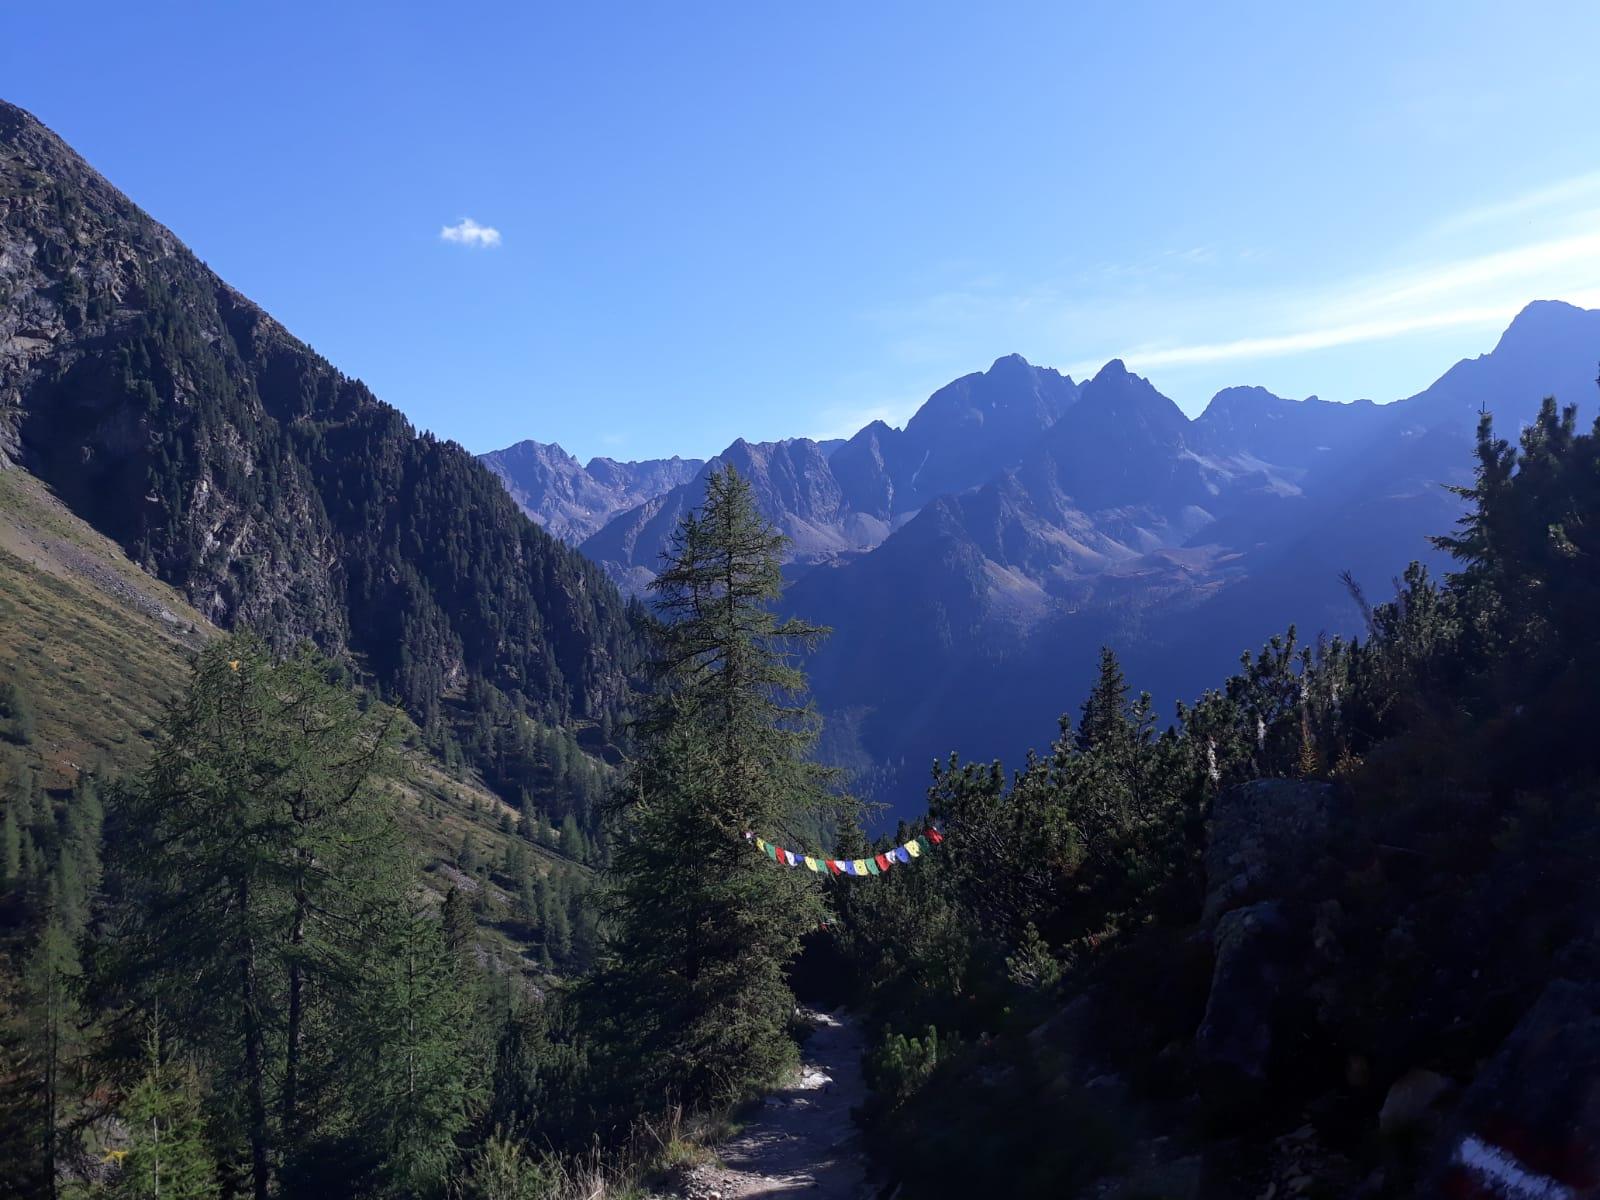 Berge, blauer Himmel, Bäume, Wanderweg, Nepalflaggen.jpg